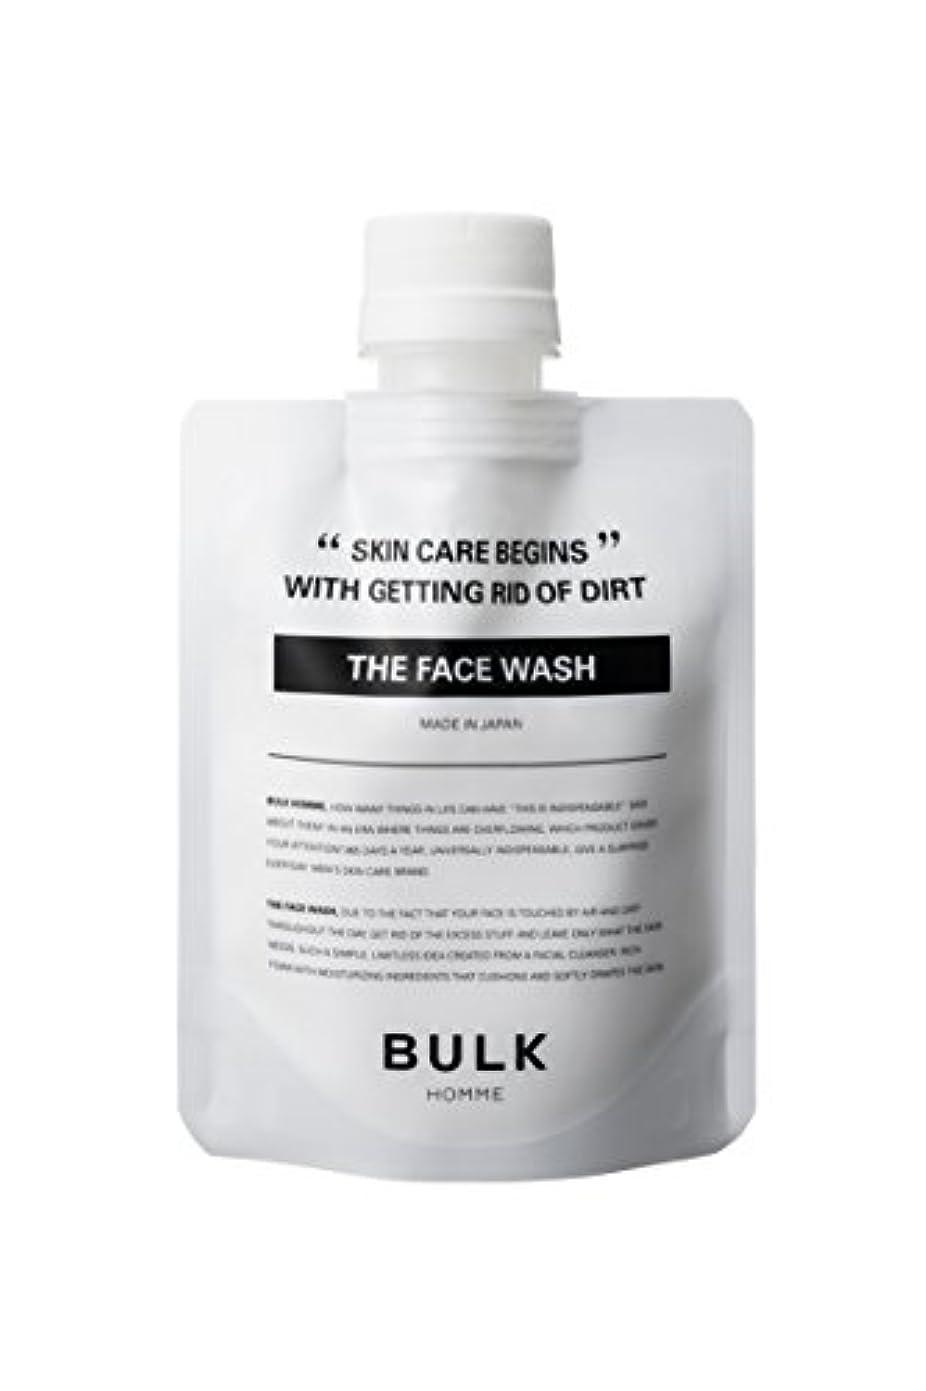 食い違いチロマイルBULK HOMME THE FACE WASH 洗顔料 100g